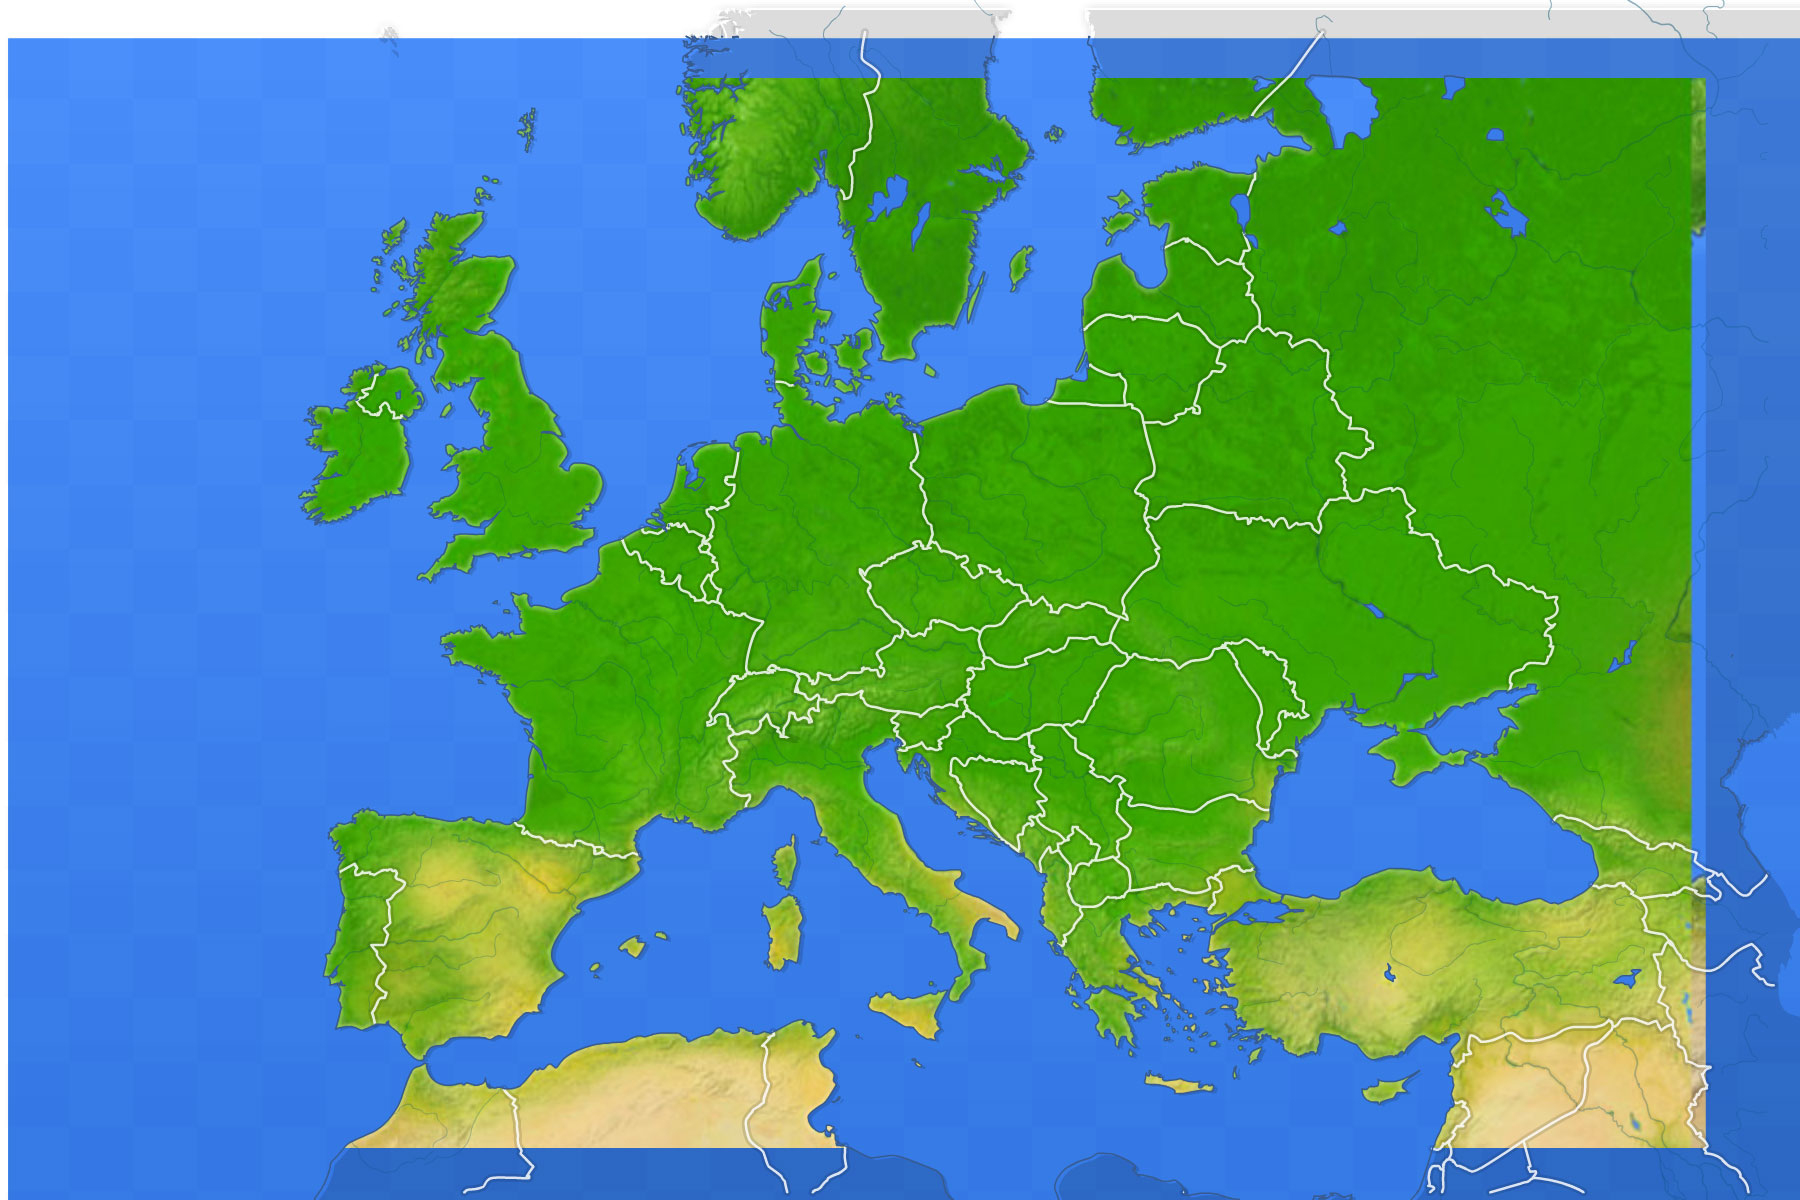 Jeux-Geographiques Jeux Gratuits Jeu Villes D Europe tout Jeux Geographique